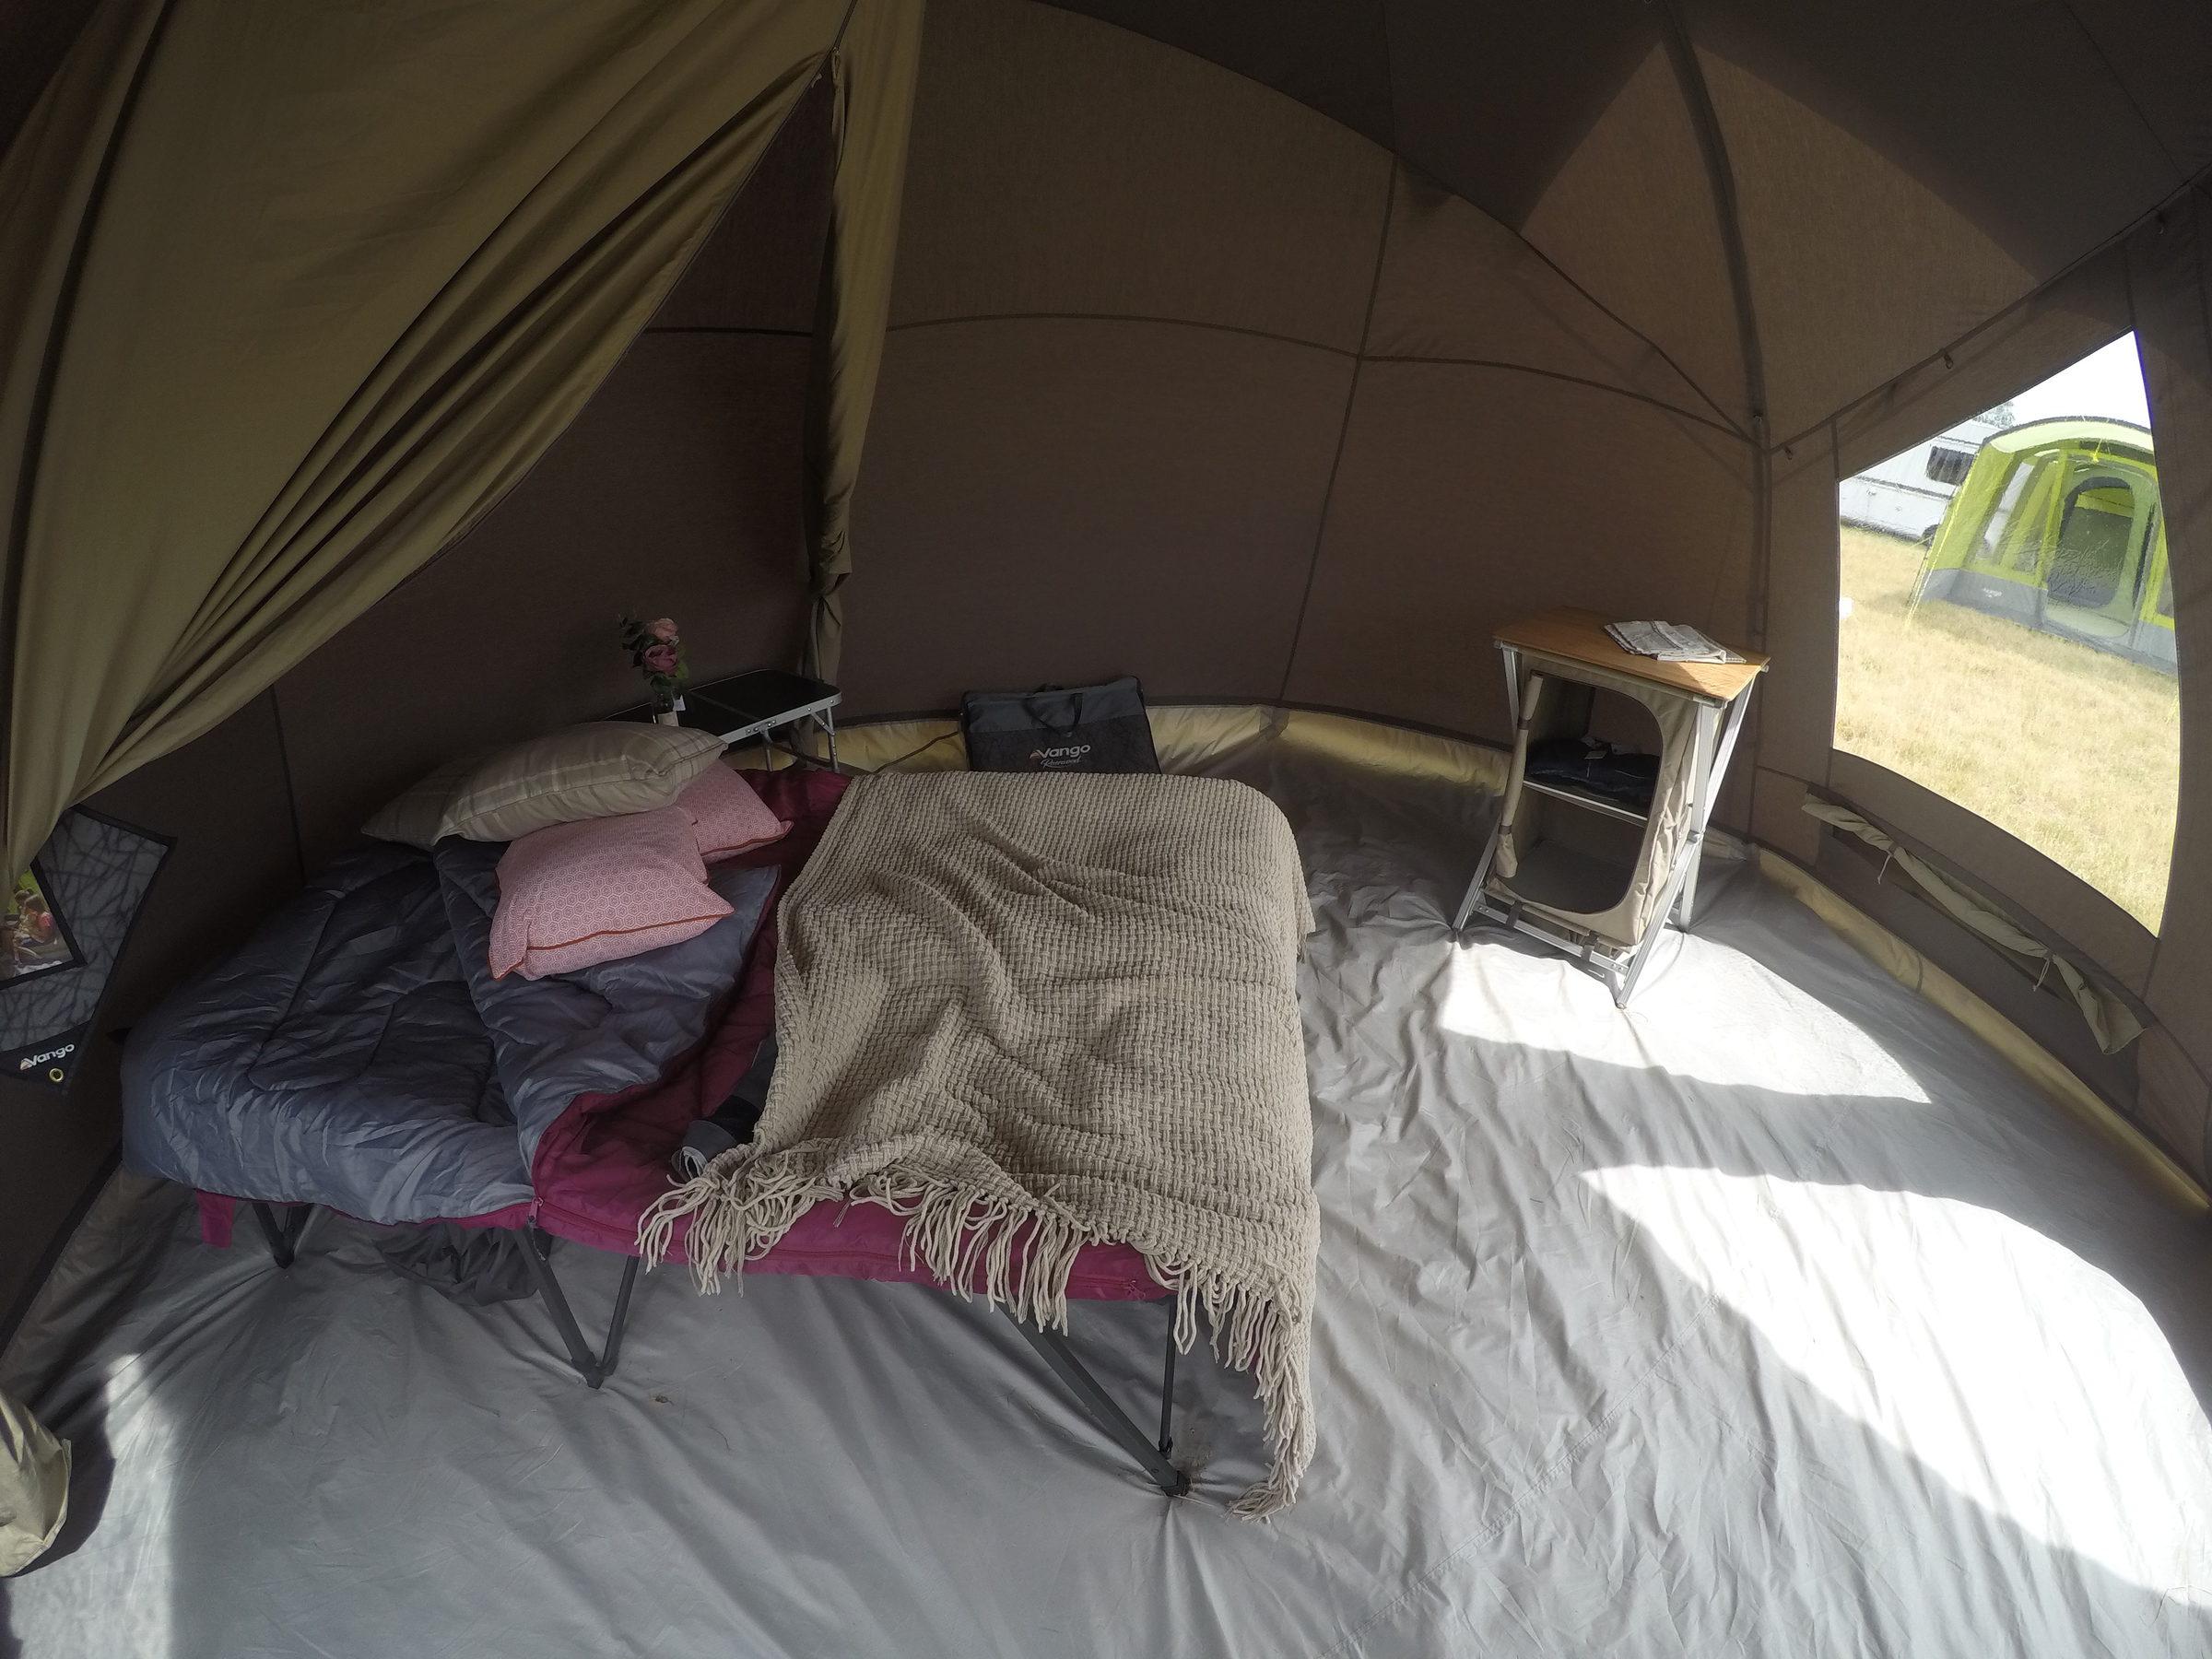 Vango Rosewood Tc Tipi Tent 20188